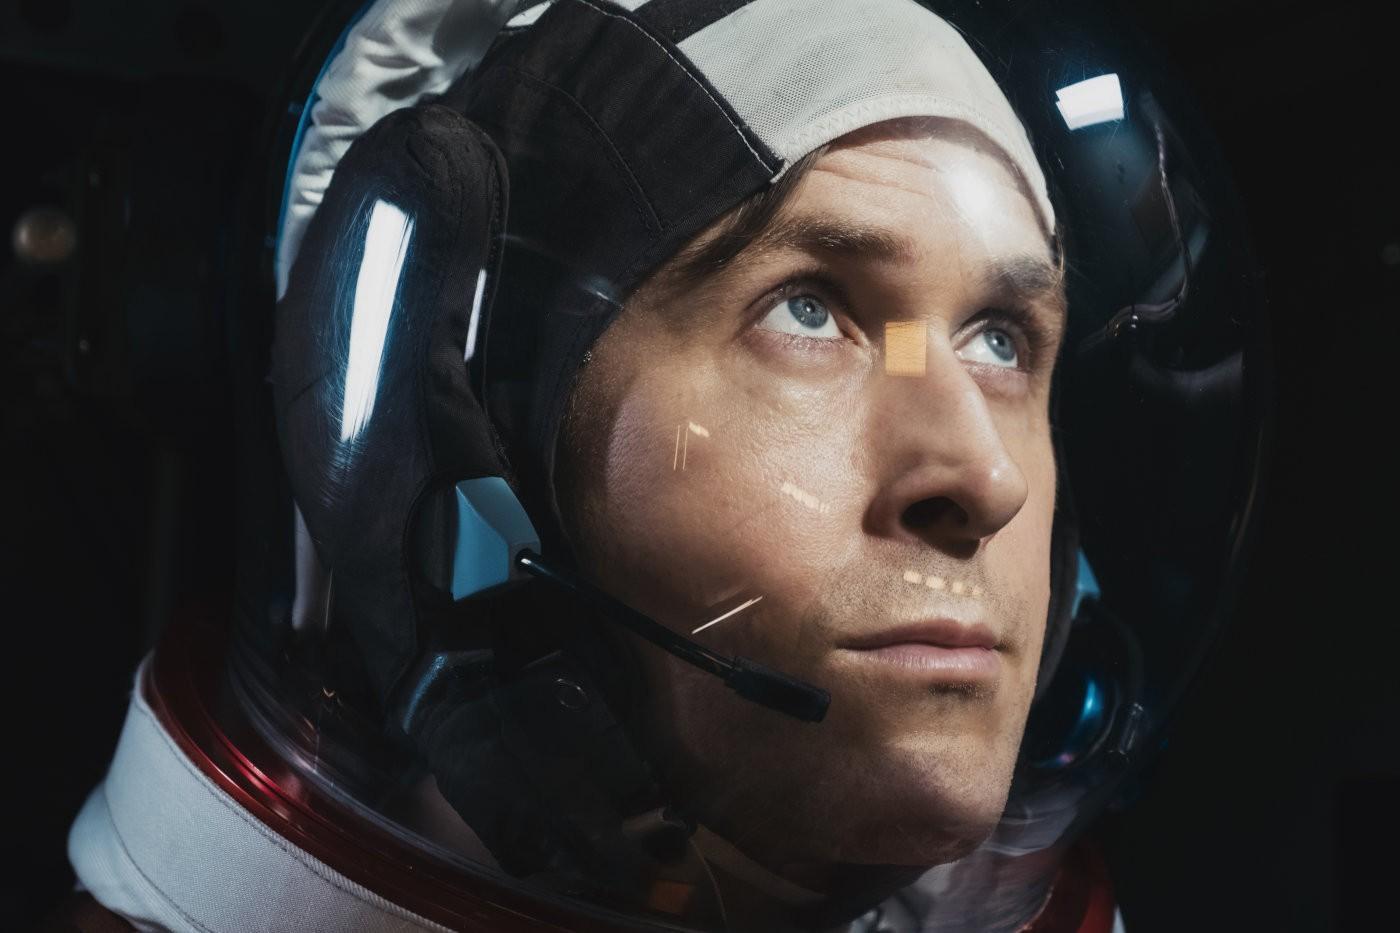 'O Primeiro Homem' é retrato sombrio e heroico da jornada de Neil Armstrong à lua; G1 já viu